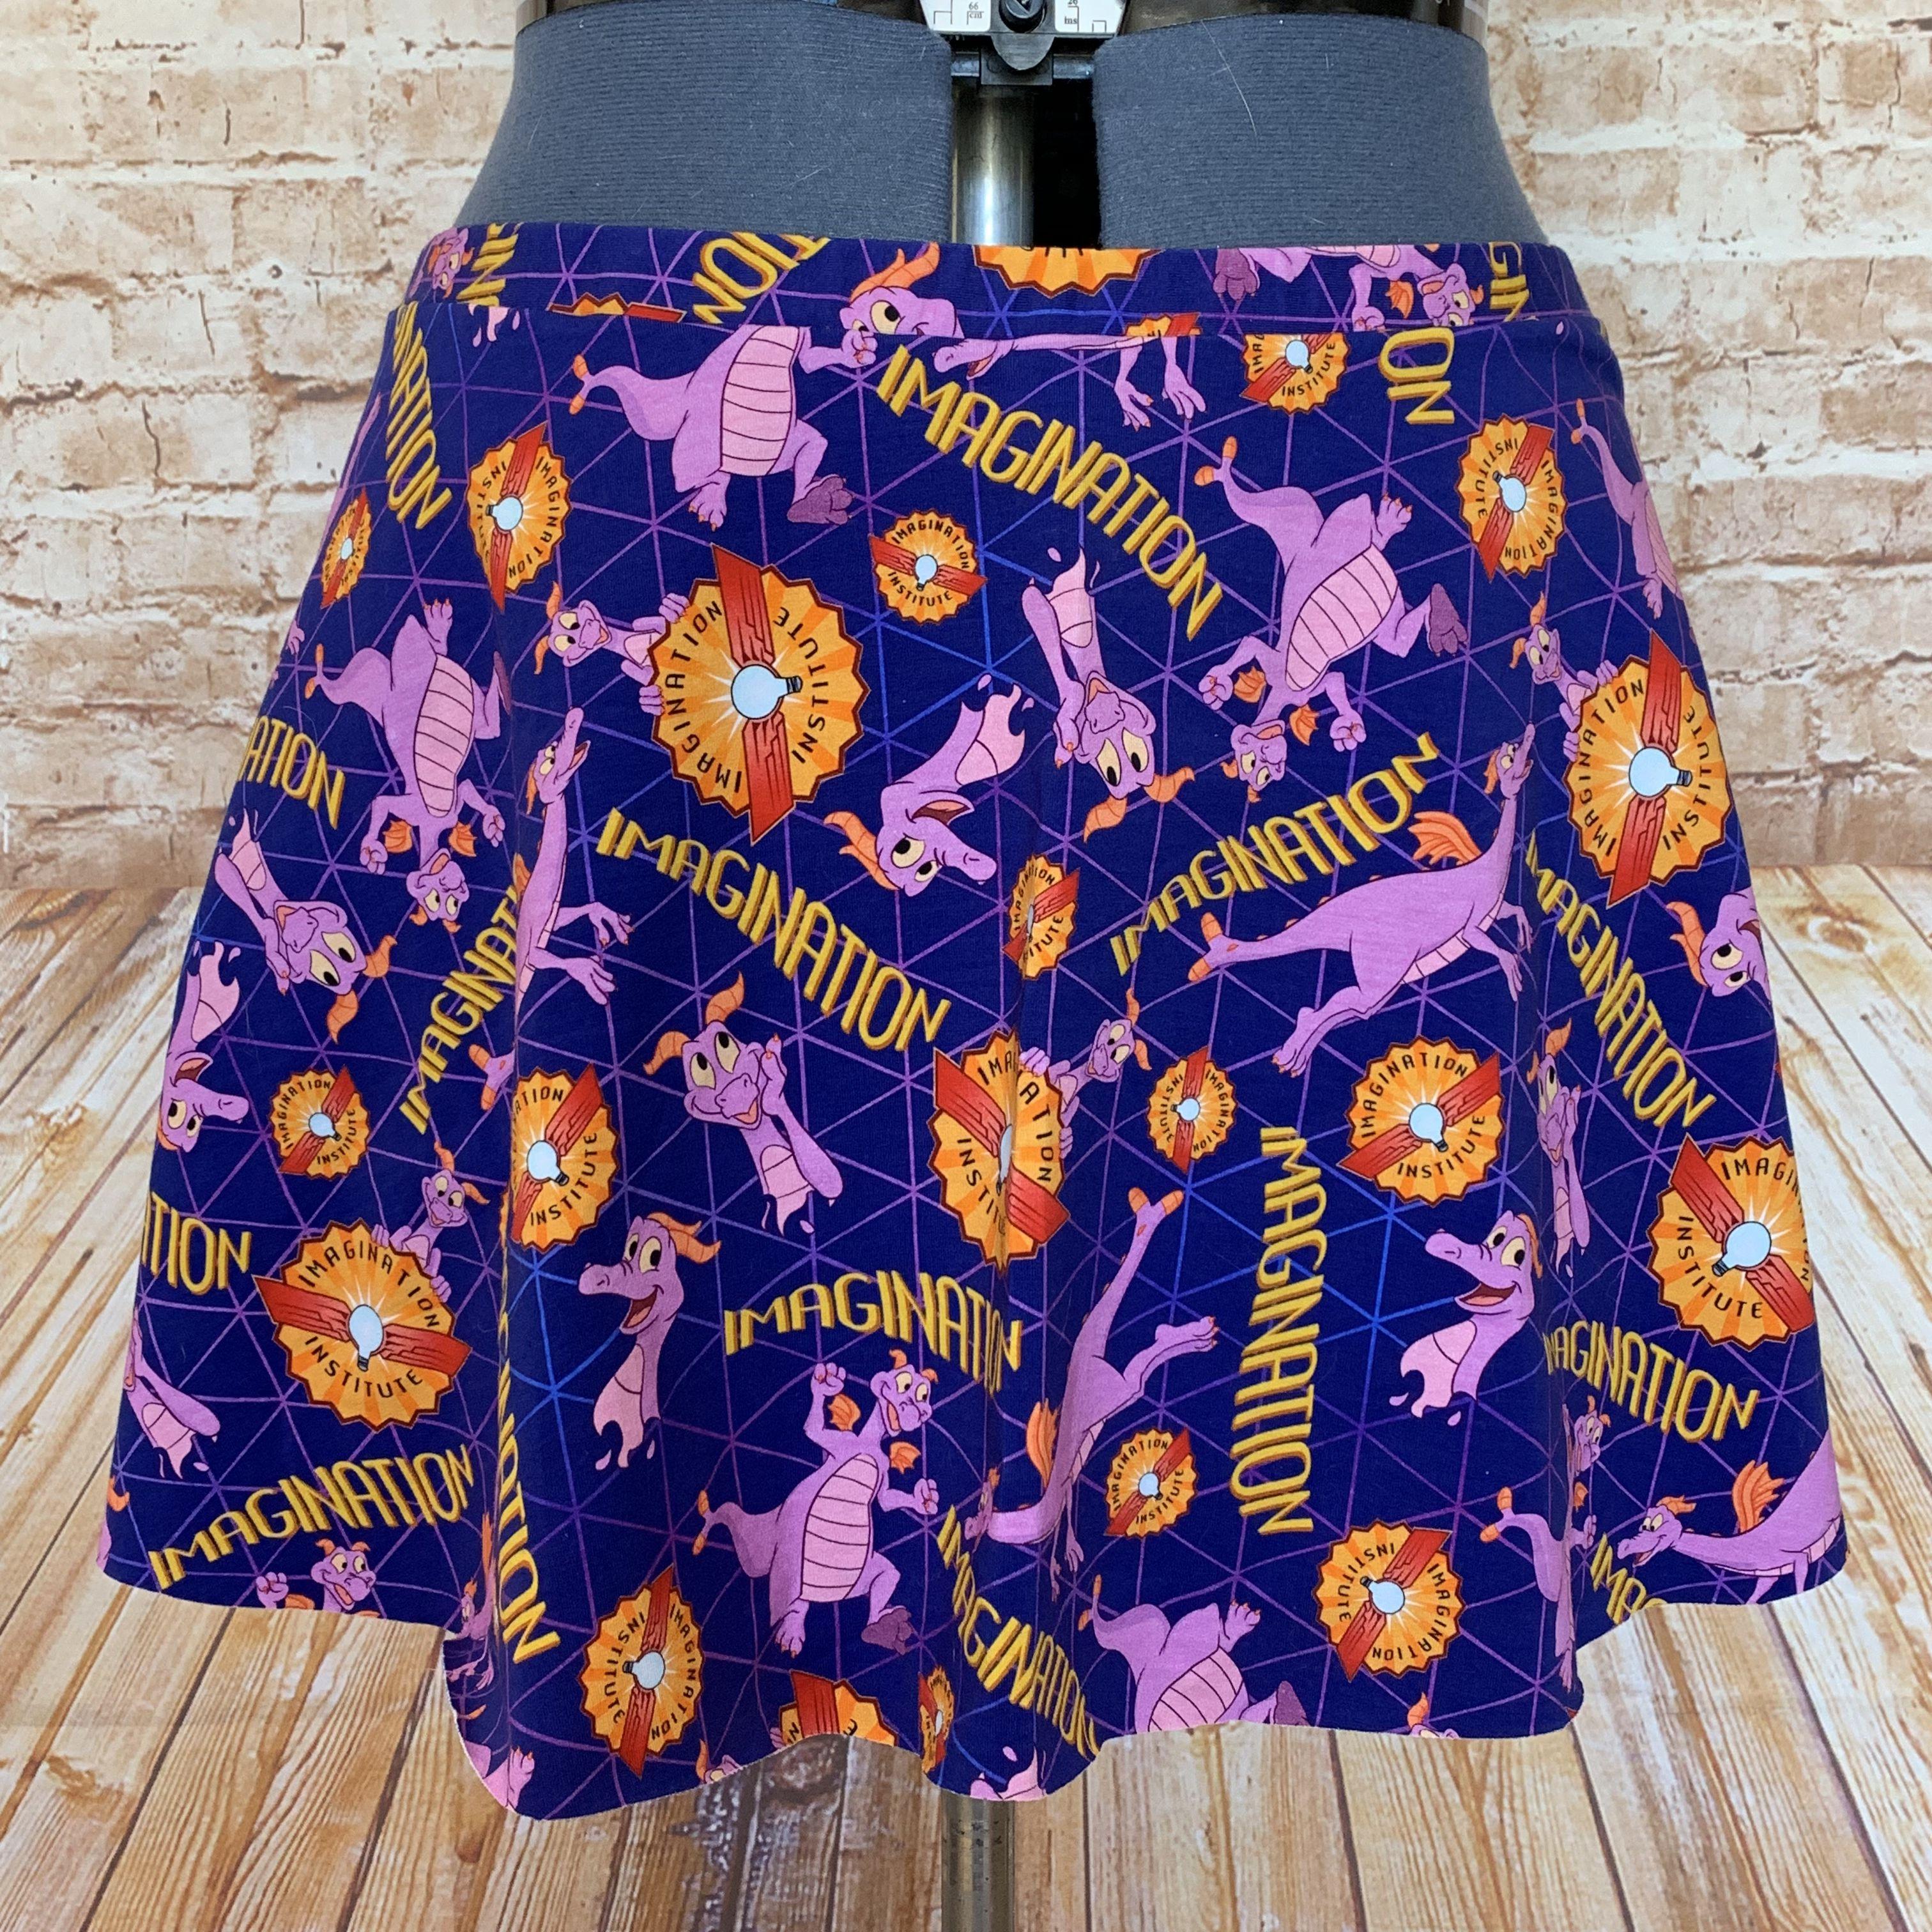 Figment Running Skirt - runDisney Costume - Figment Running